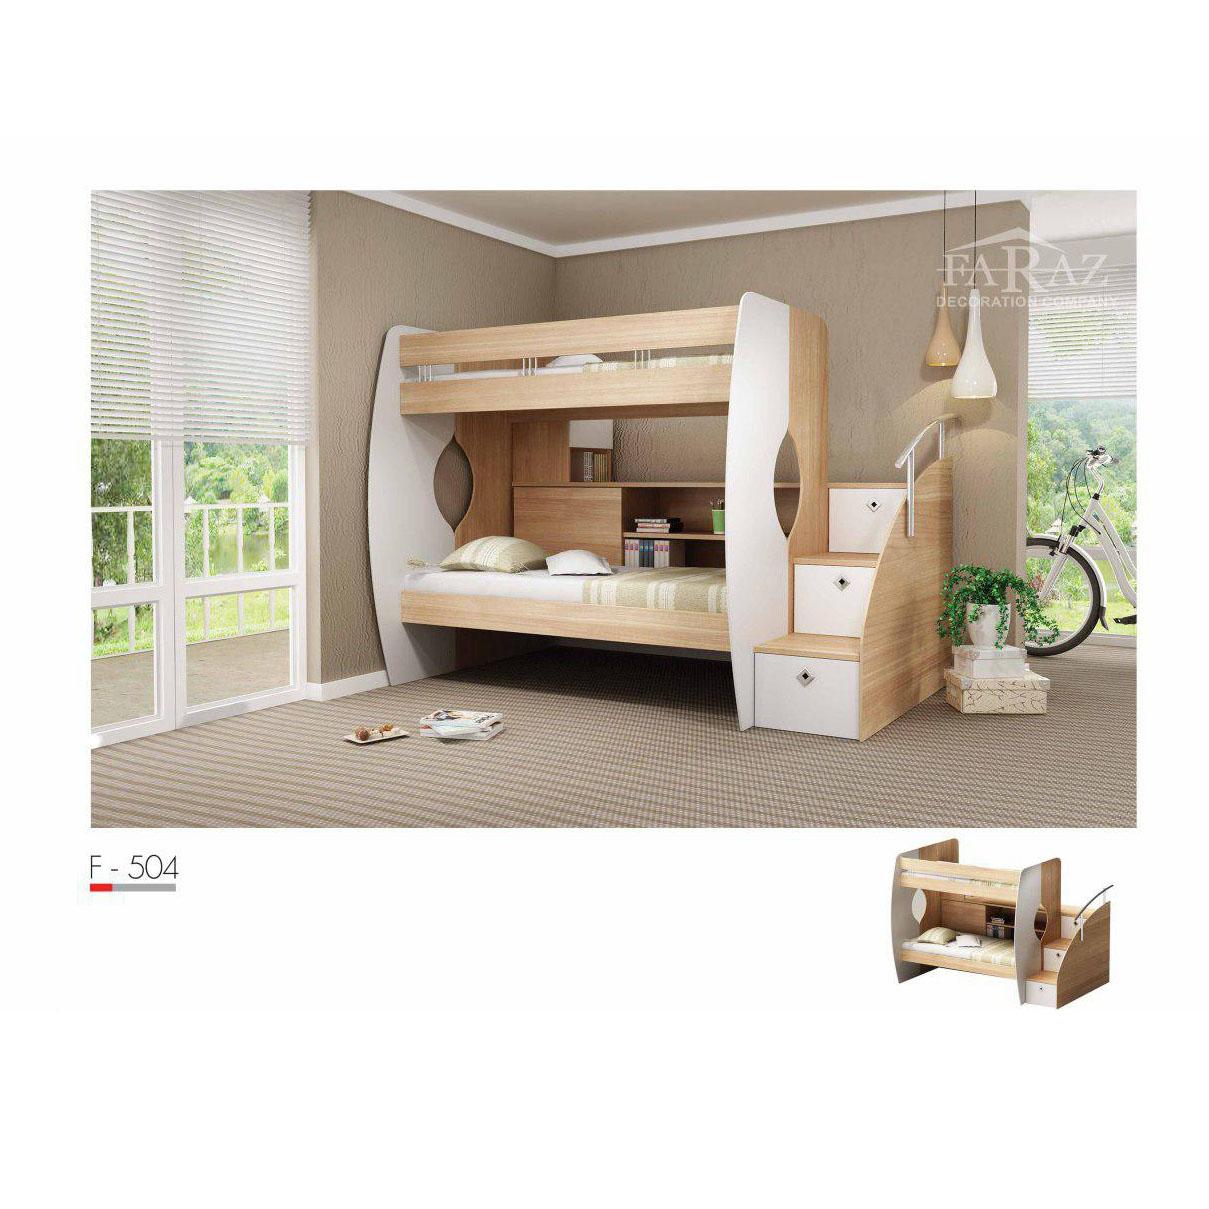 سرویس تخت خواب کم جا دو طبقه مدل F-504